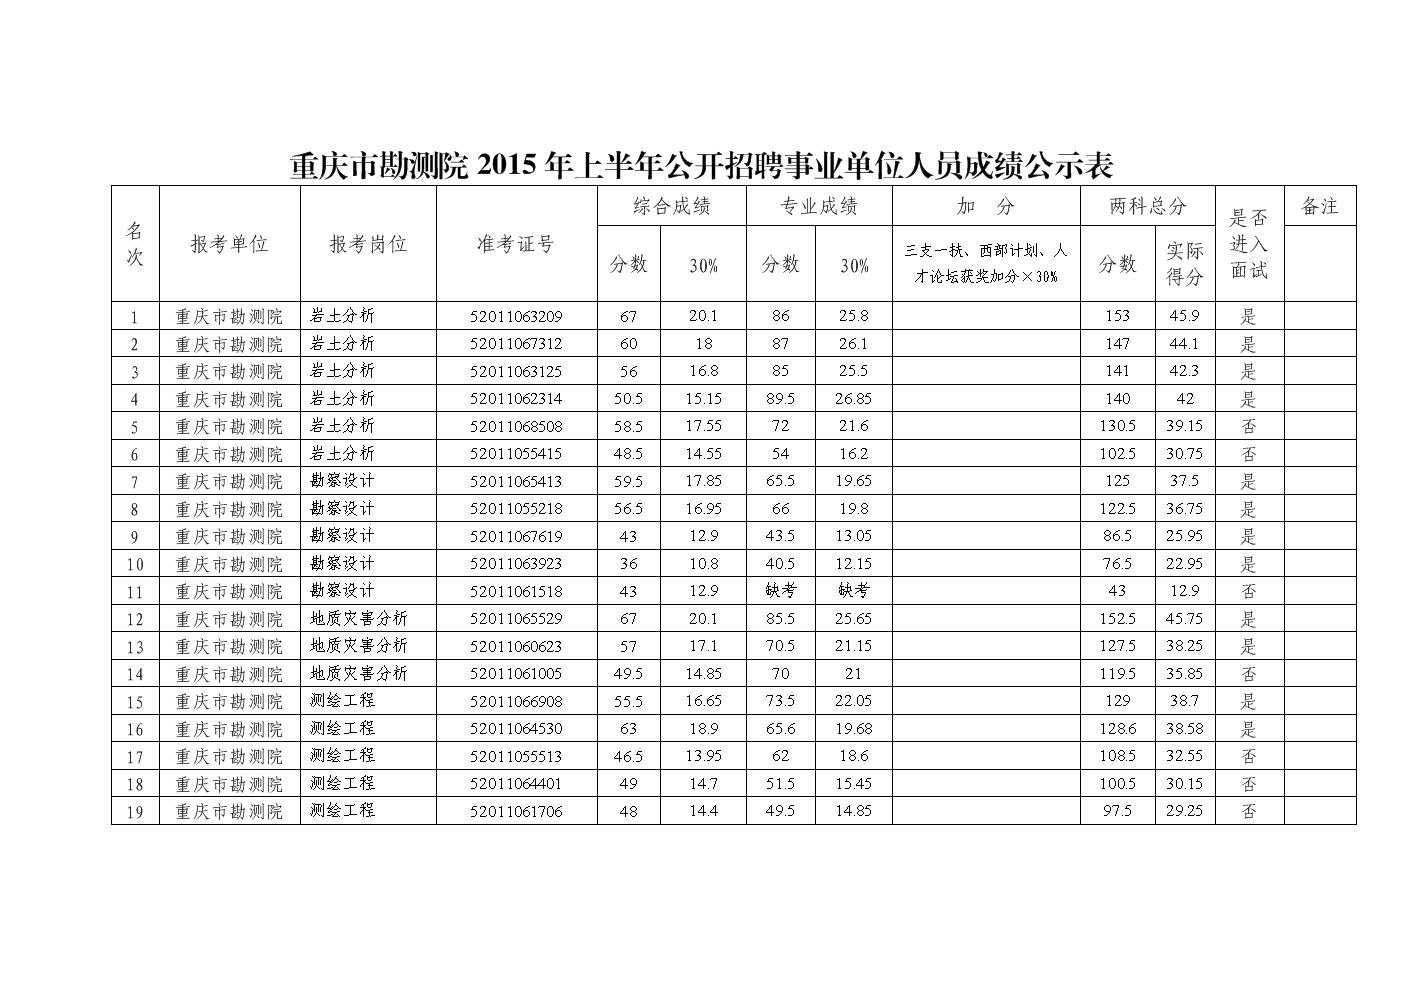 重慶市勘測院2015年上半年公開招聘事業單位人員成績公示表.doc